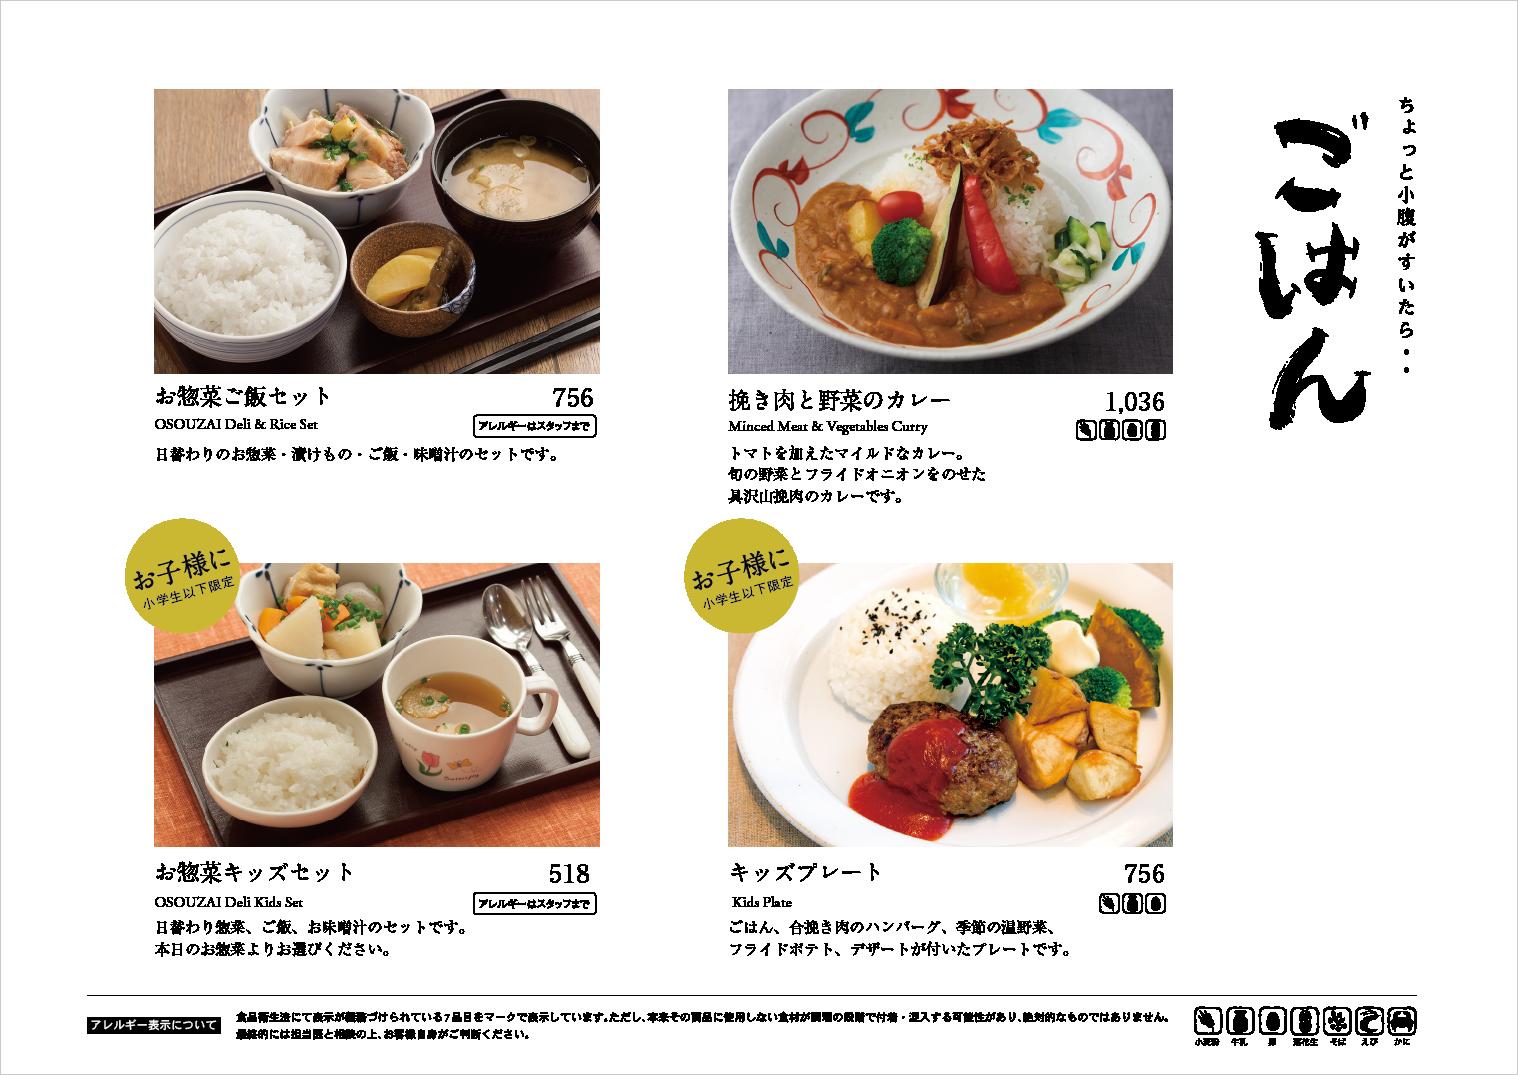 minoru_oyatsu_menu_171127_05.png